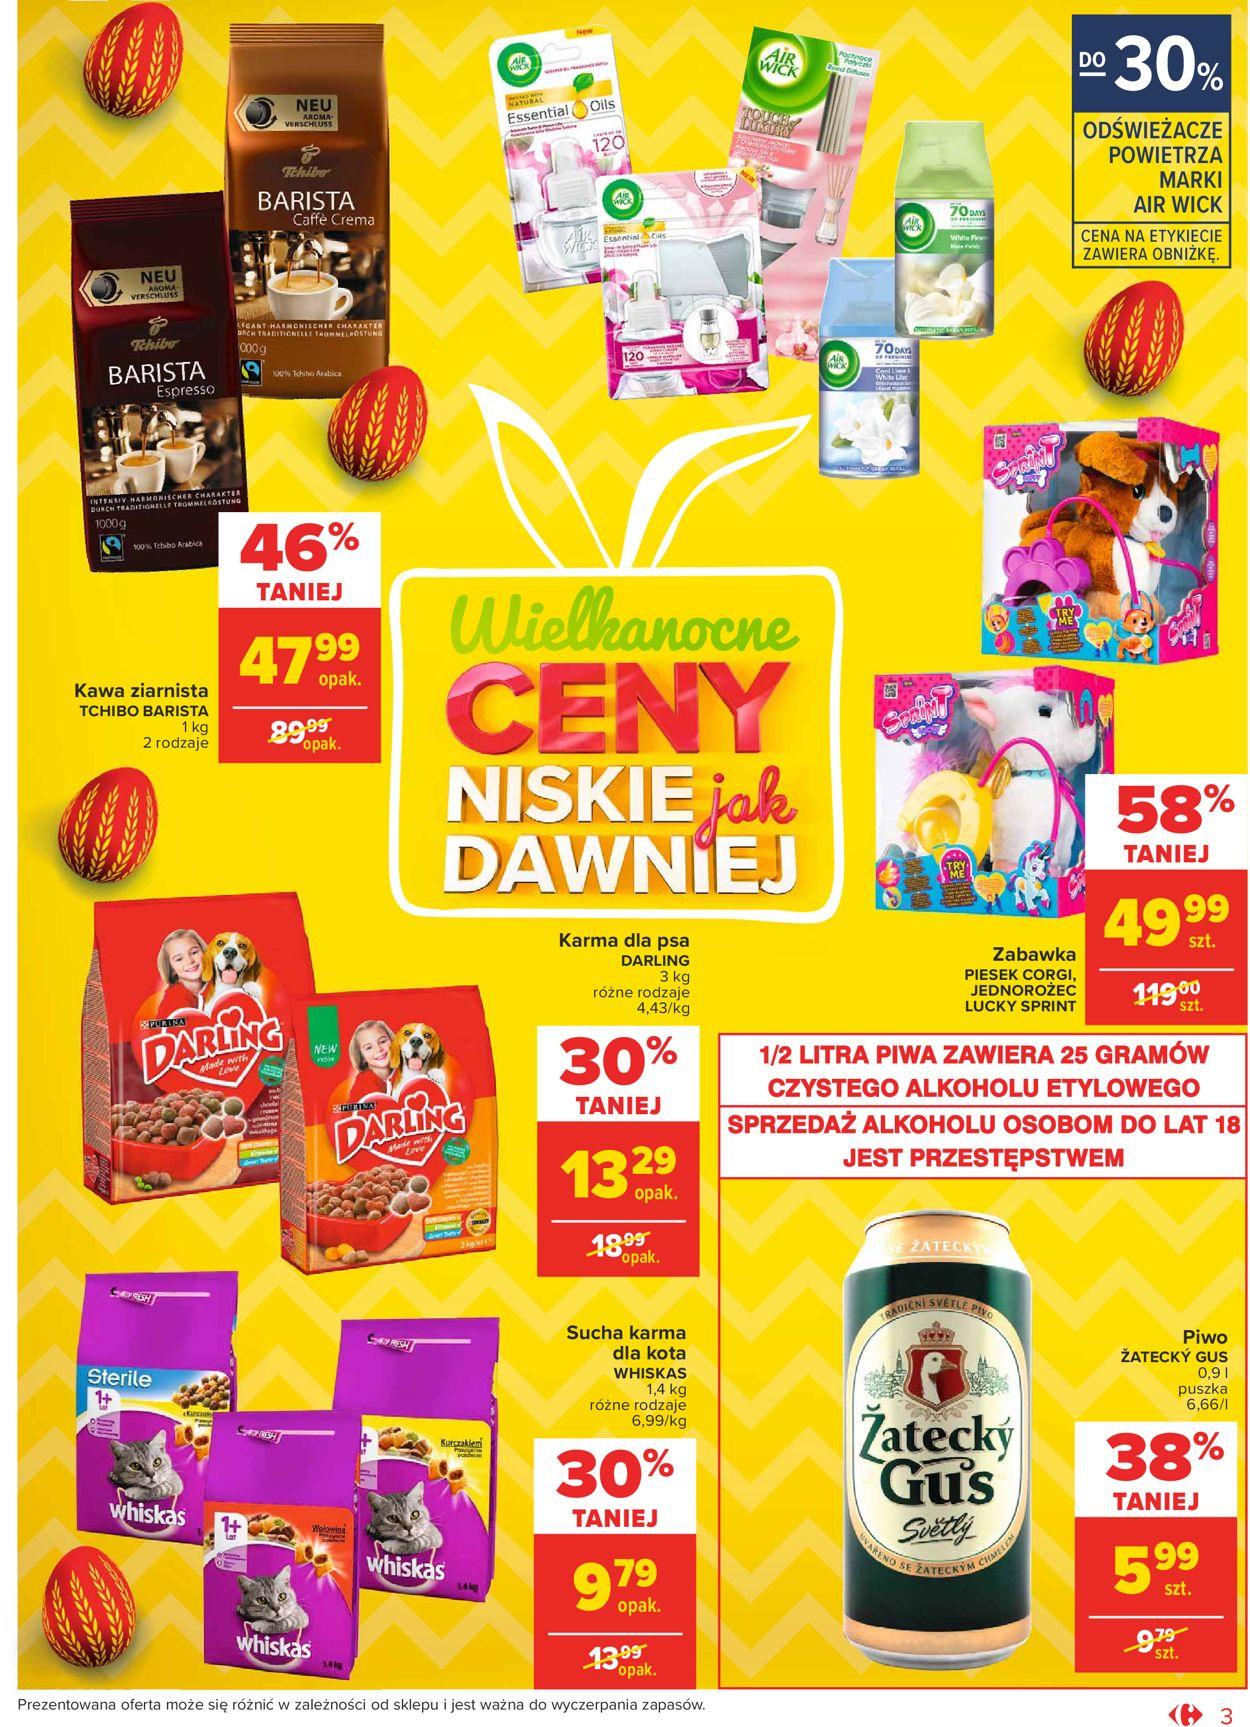 Gazetka promocyjna Carrefour Market Wielkanoc 2021 - 23.03-28.03.2021 (Strona 3)